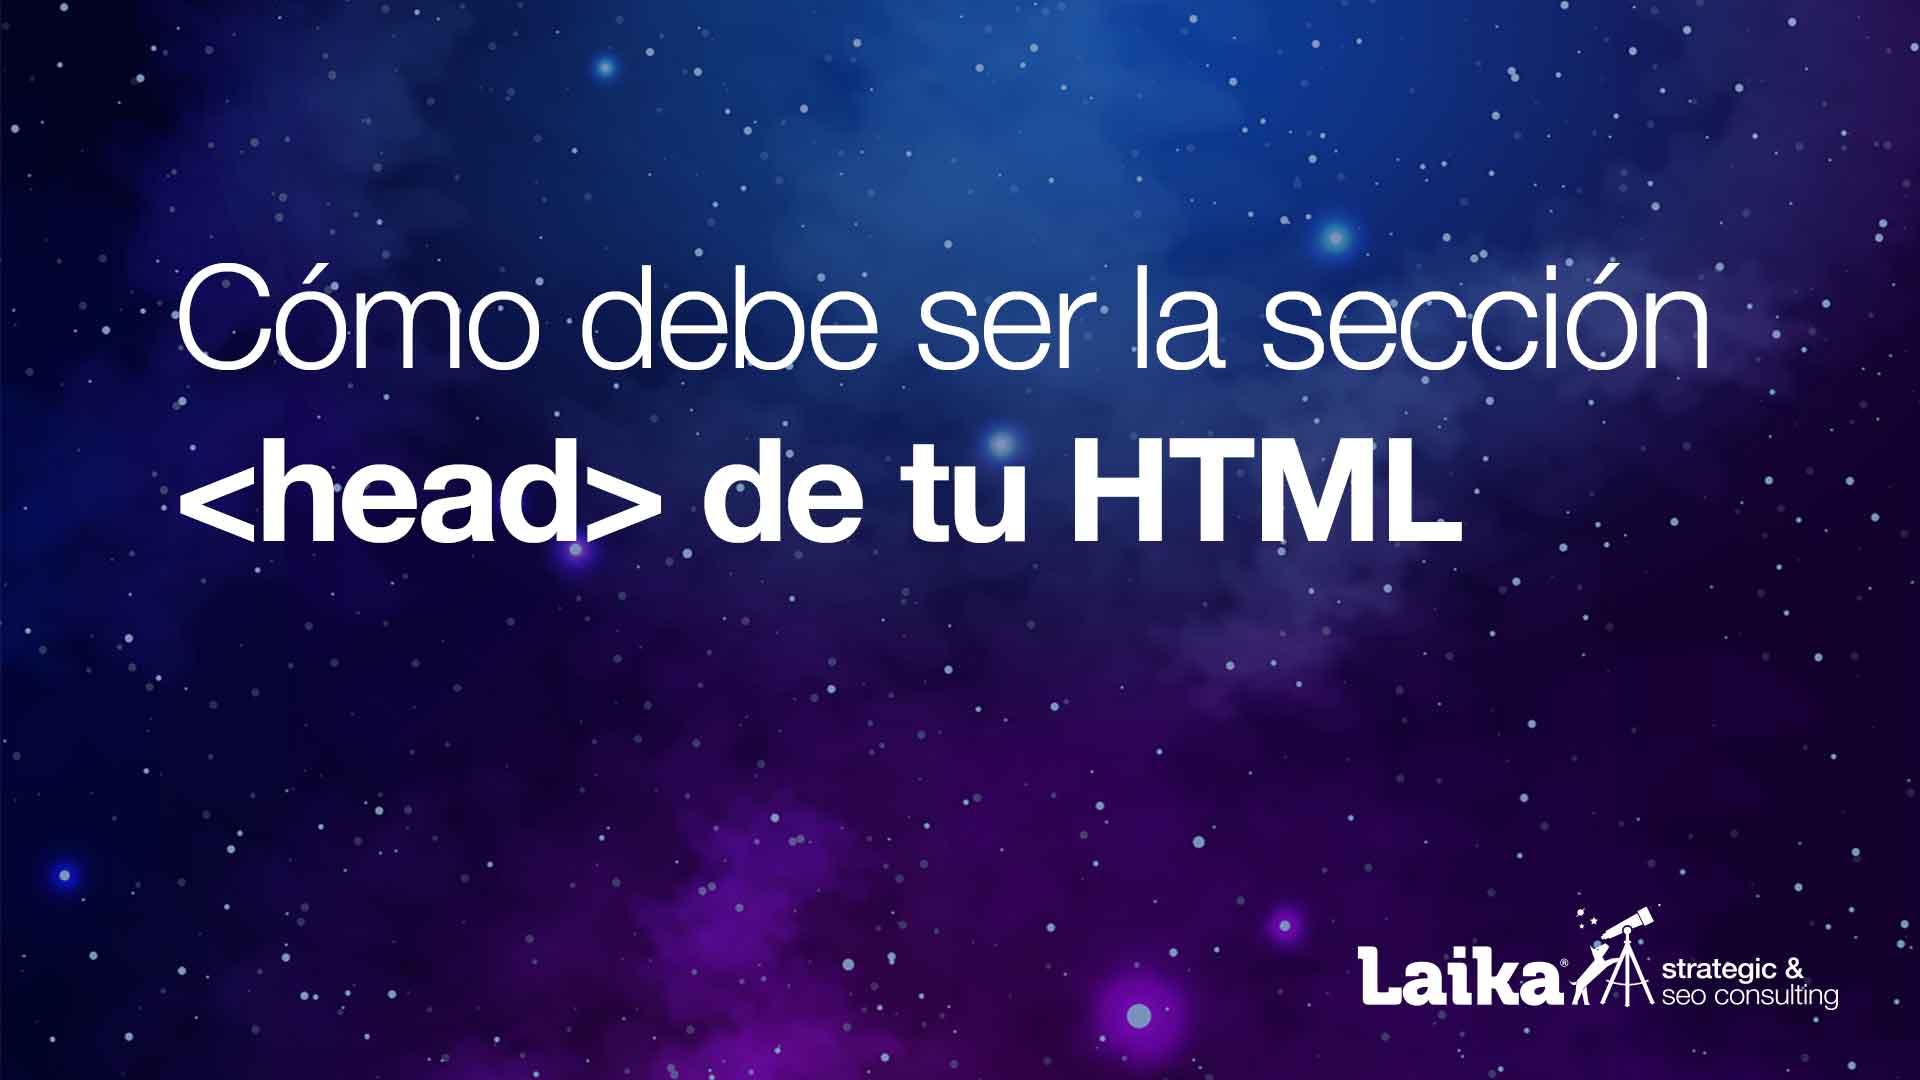 """¿Cómo debe ser el """"head"""" HTML?"""